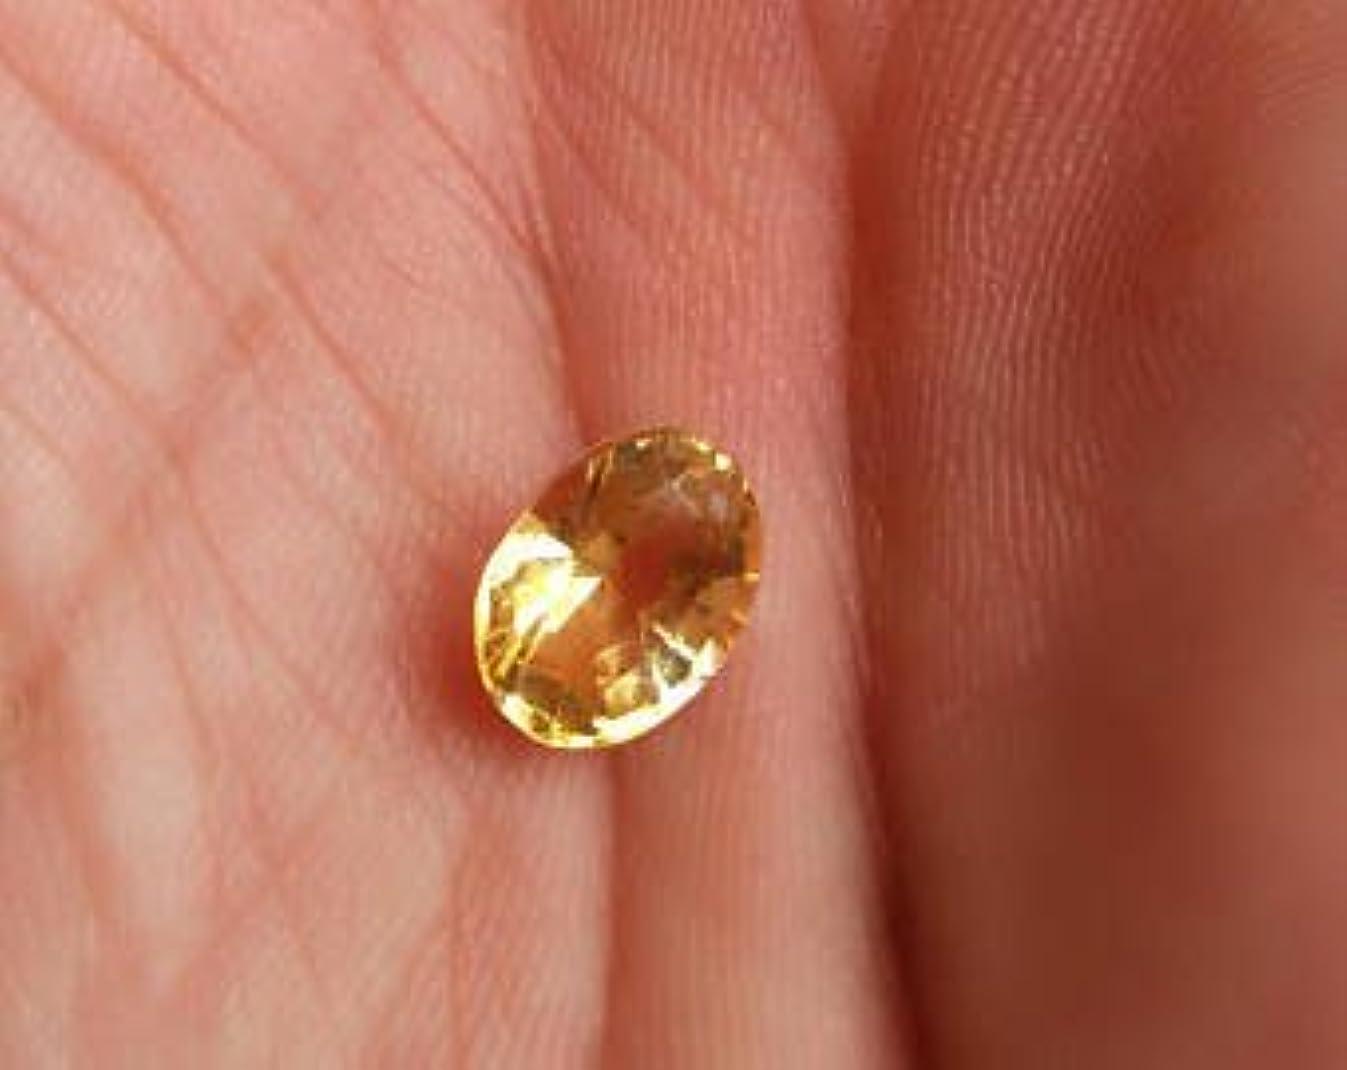 レンドお茶放散するシトリン原石天然認定オーバルカットルースストーン9.3カラットby gemselect